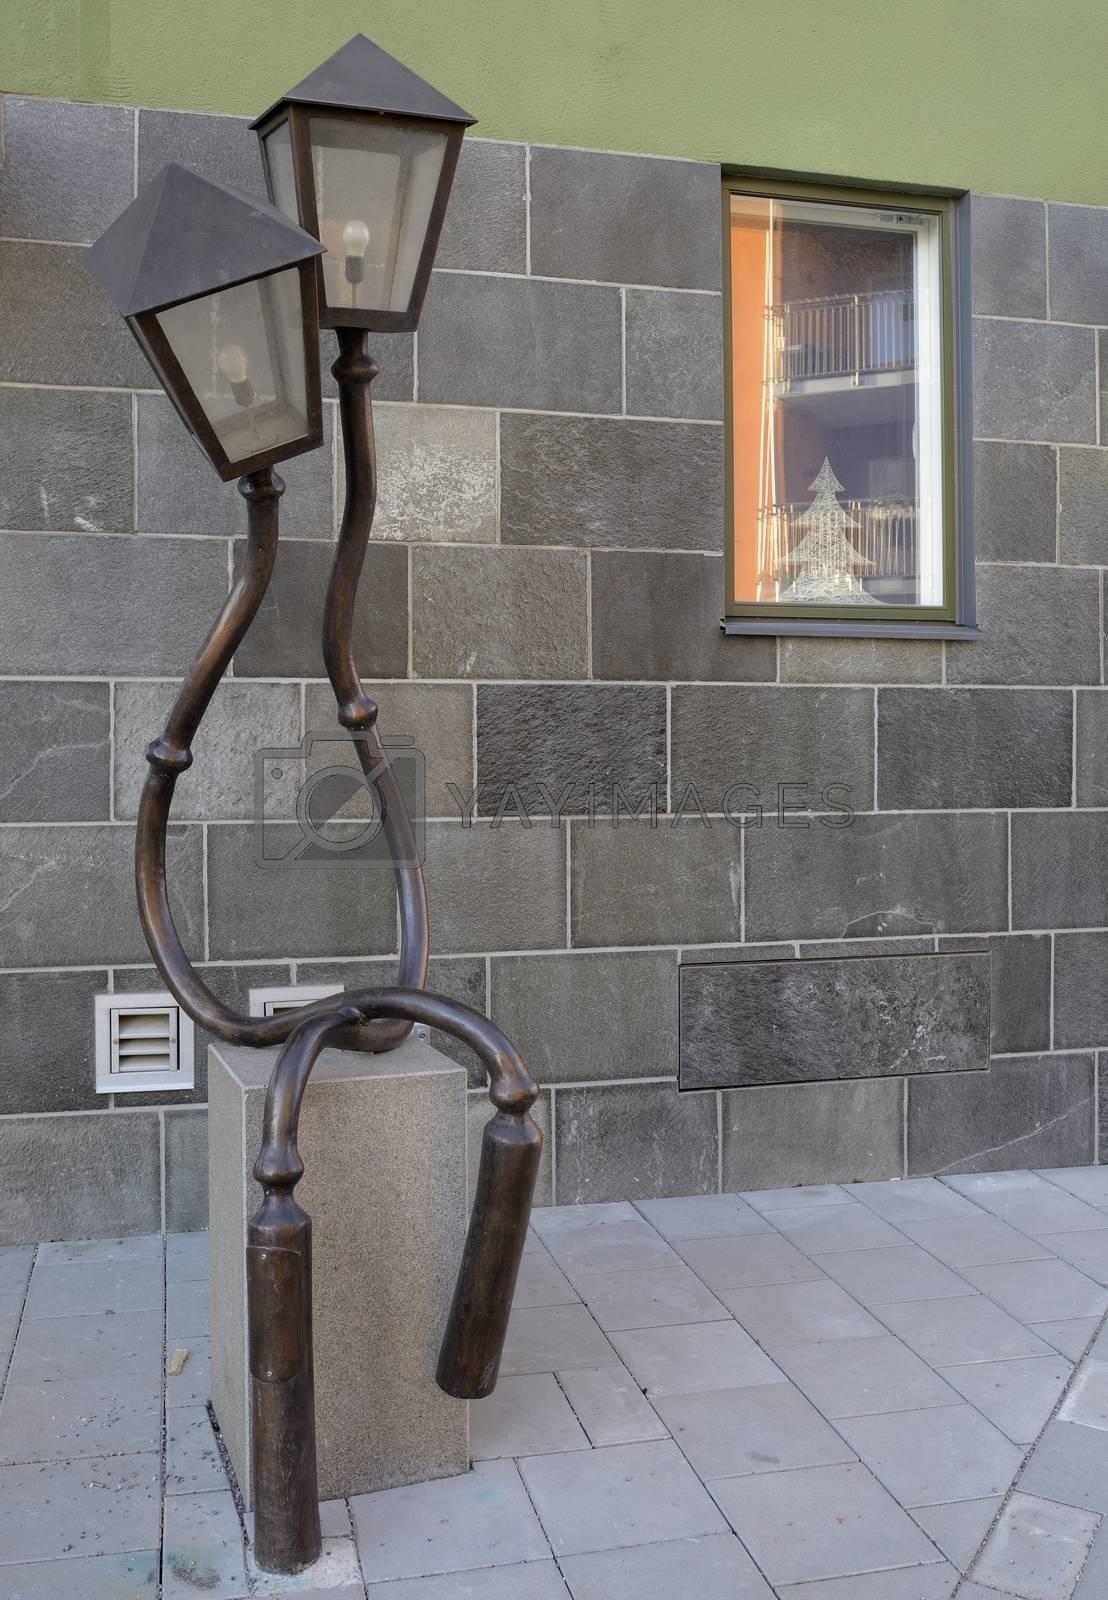 Vintage Street Lamp - Stockholm